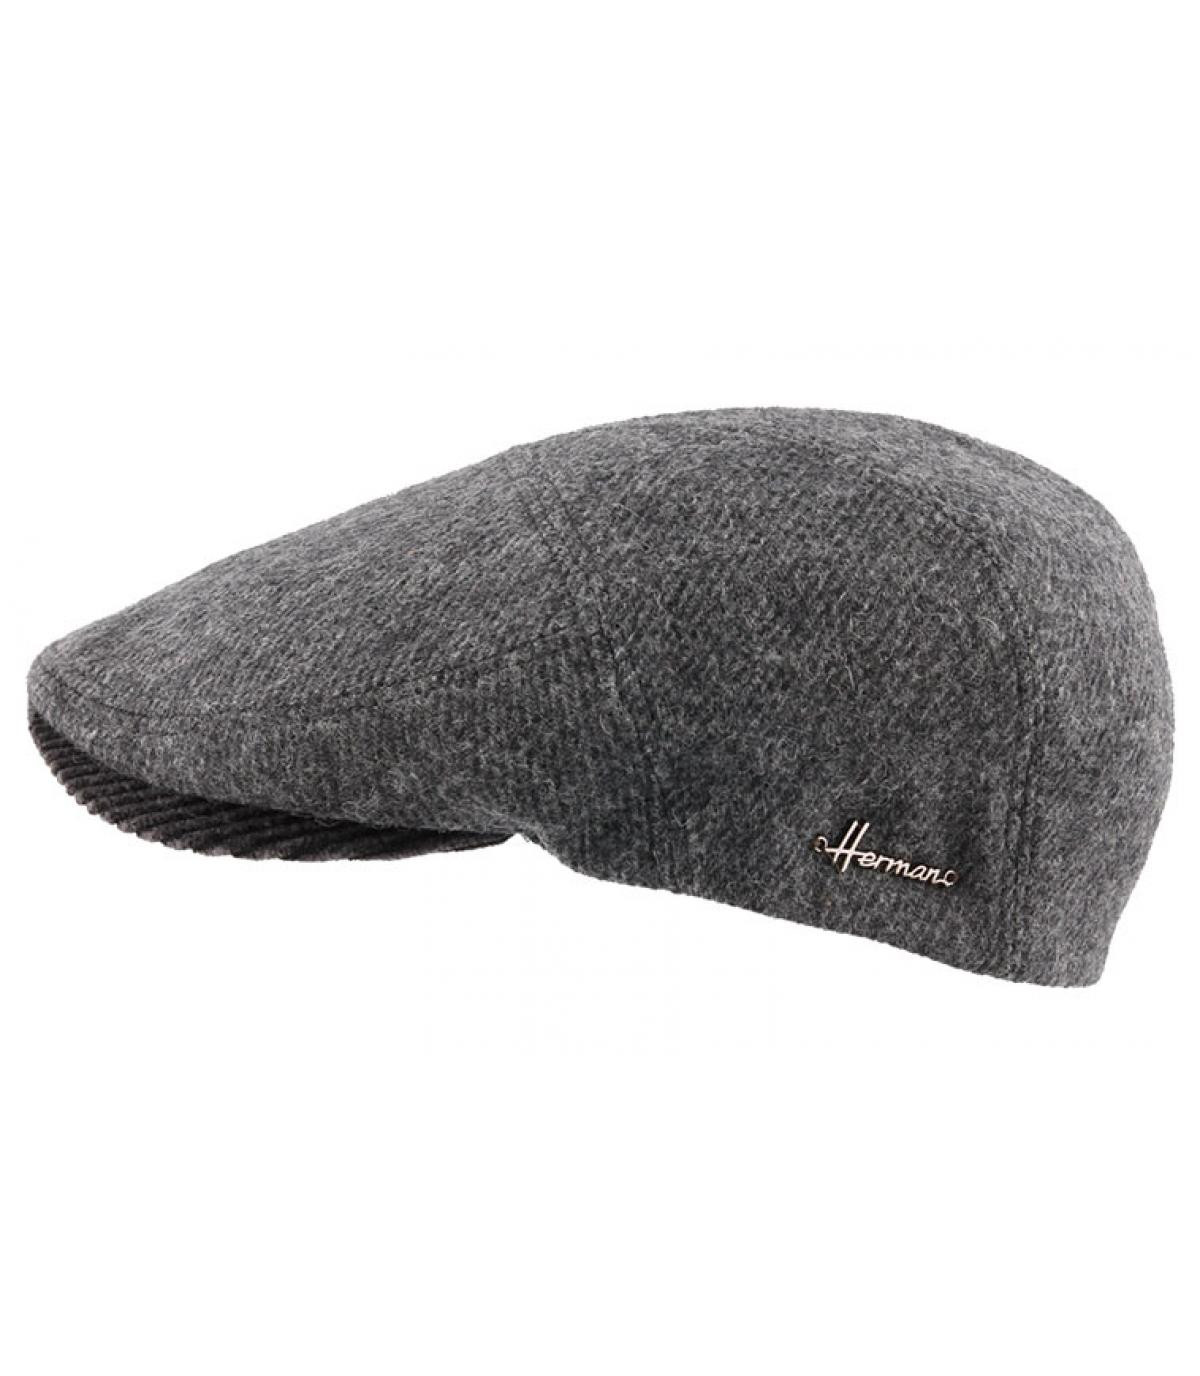 Détails Dispatch Wool Corduroy grey - image 2